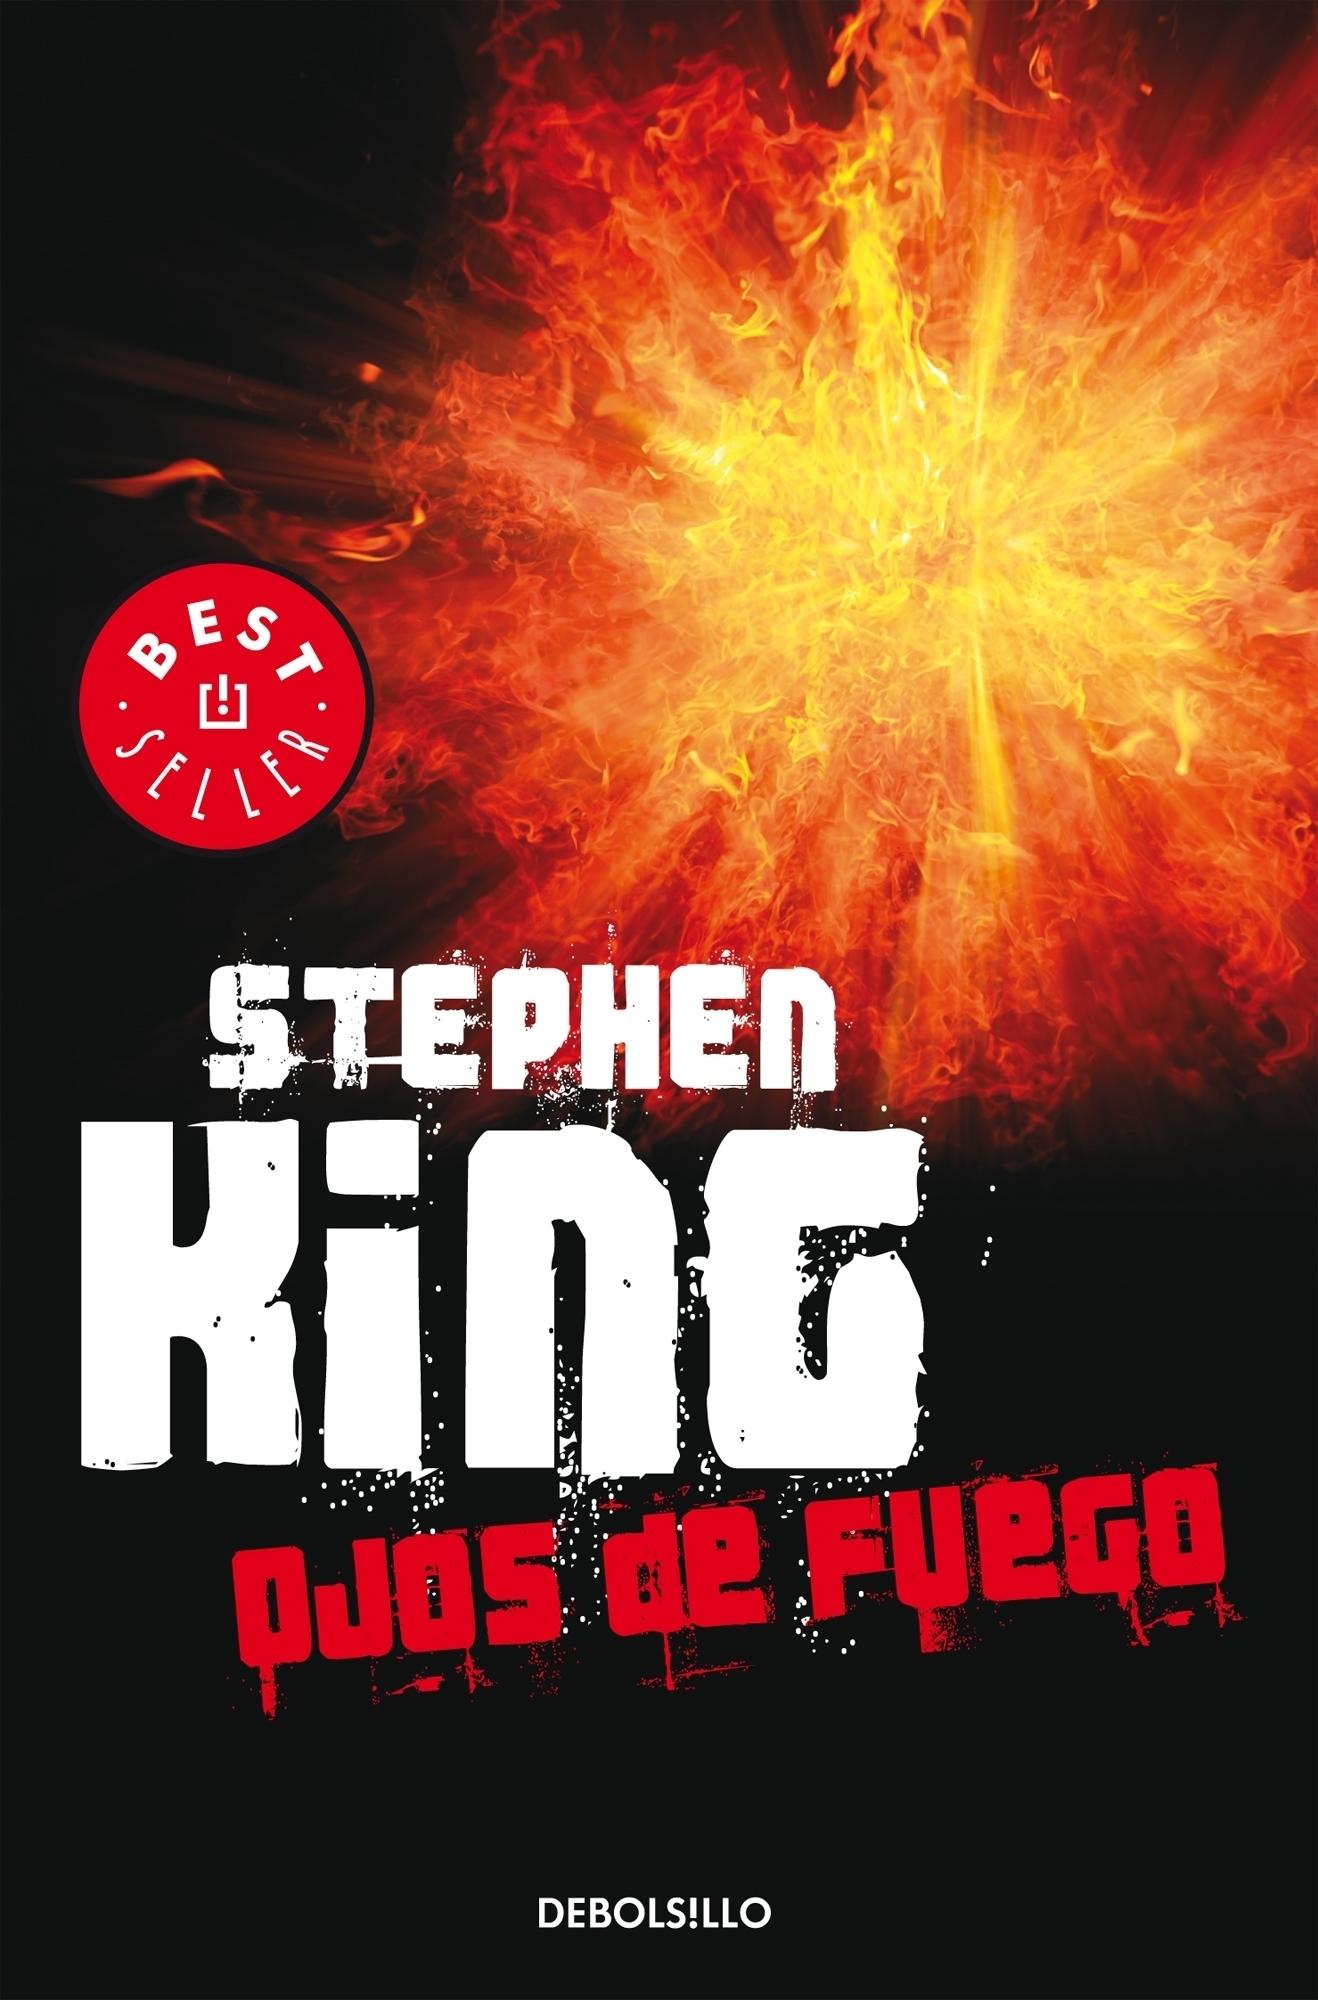 OJOS DE FUEGO